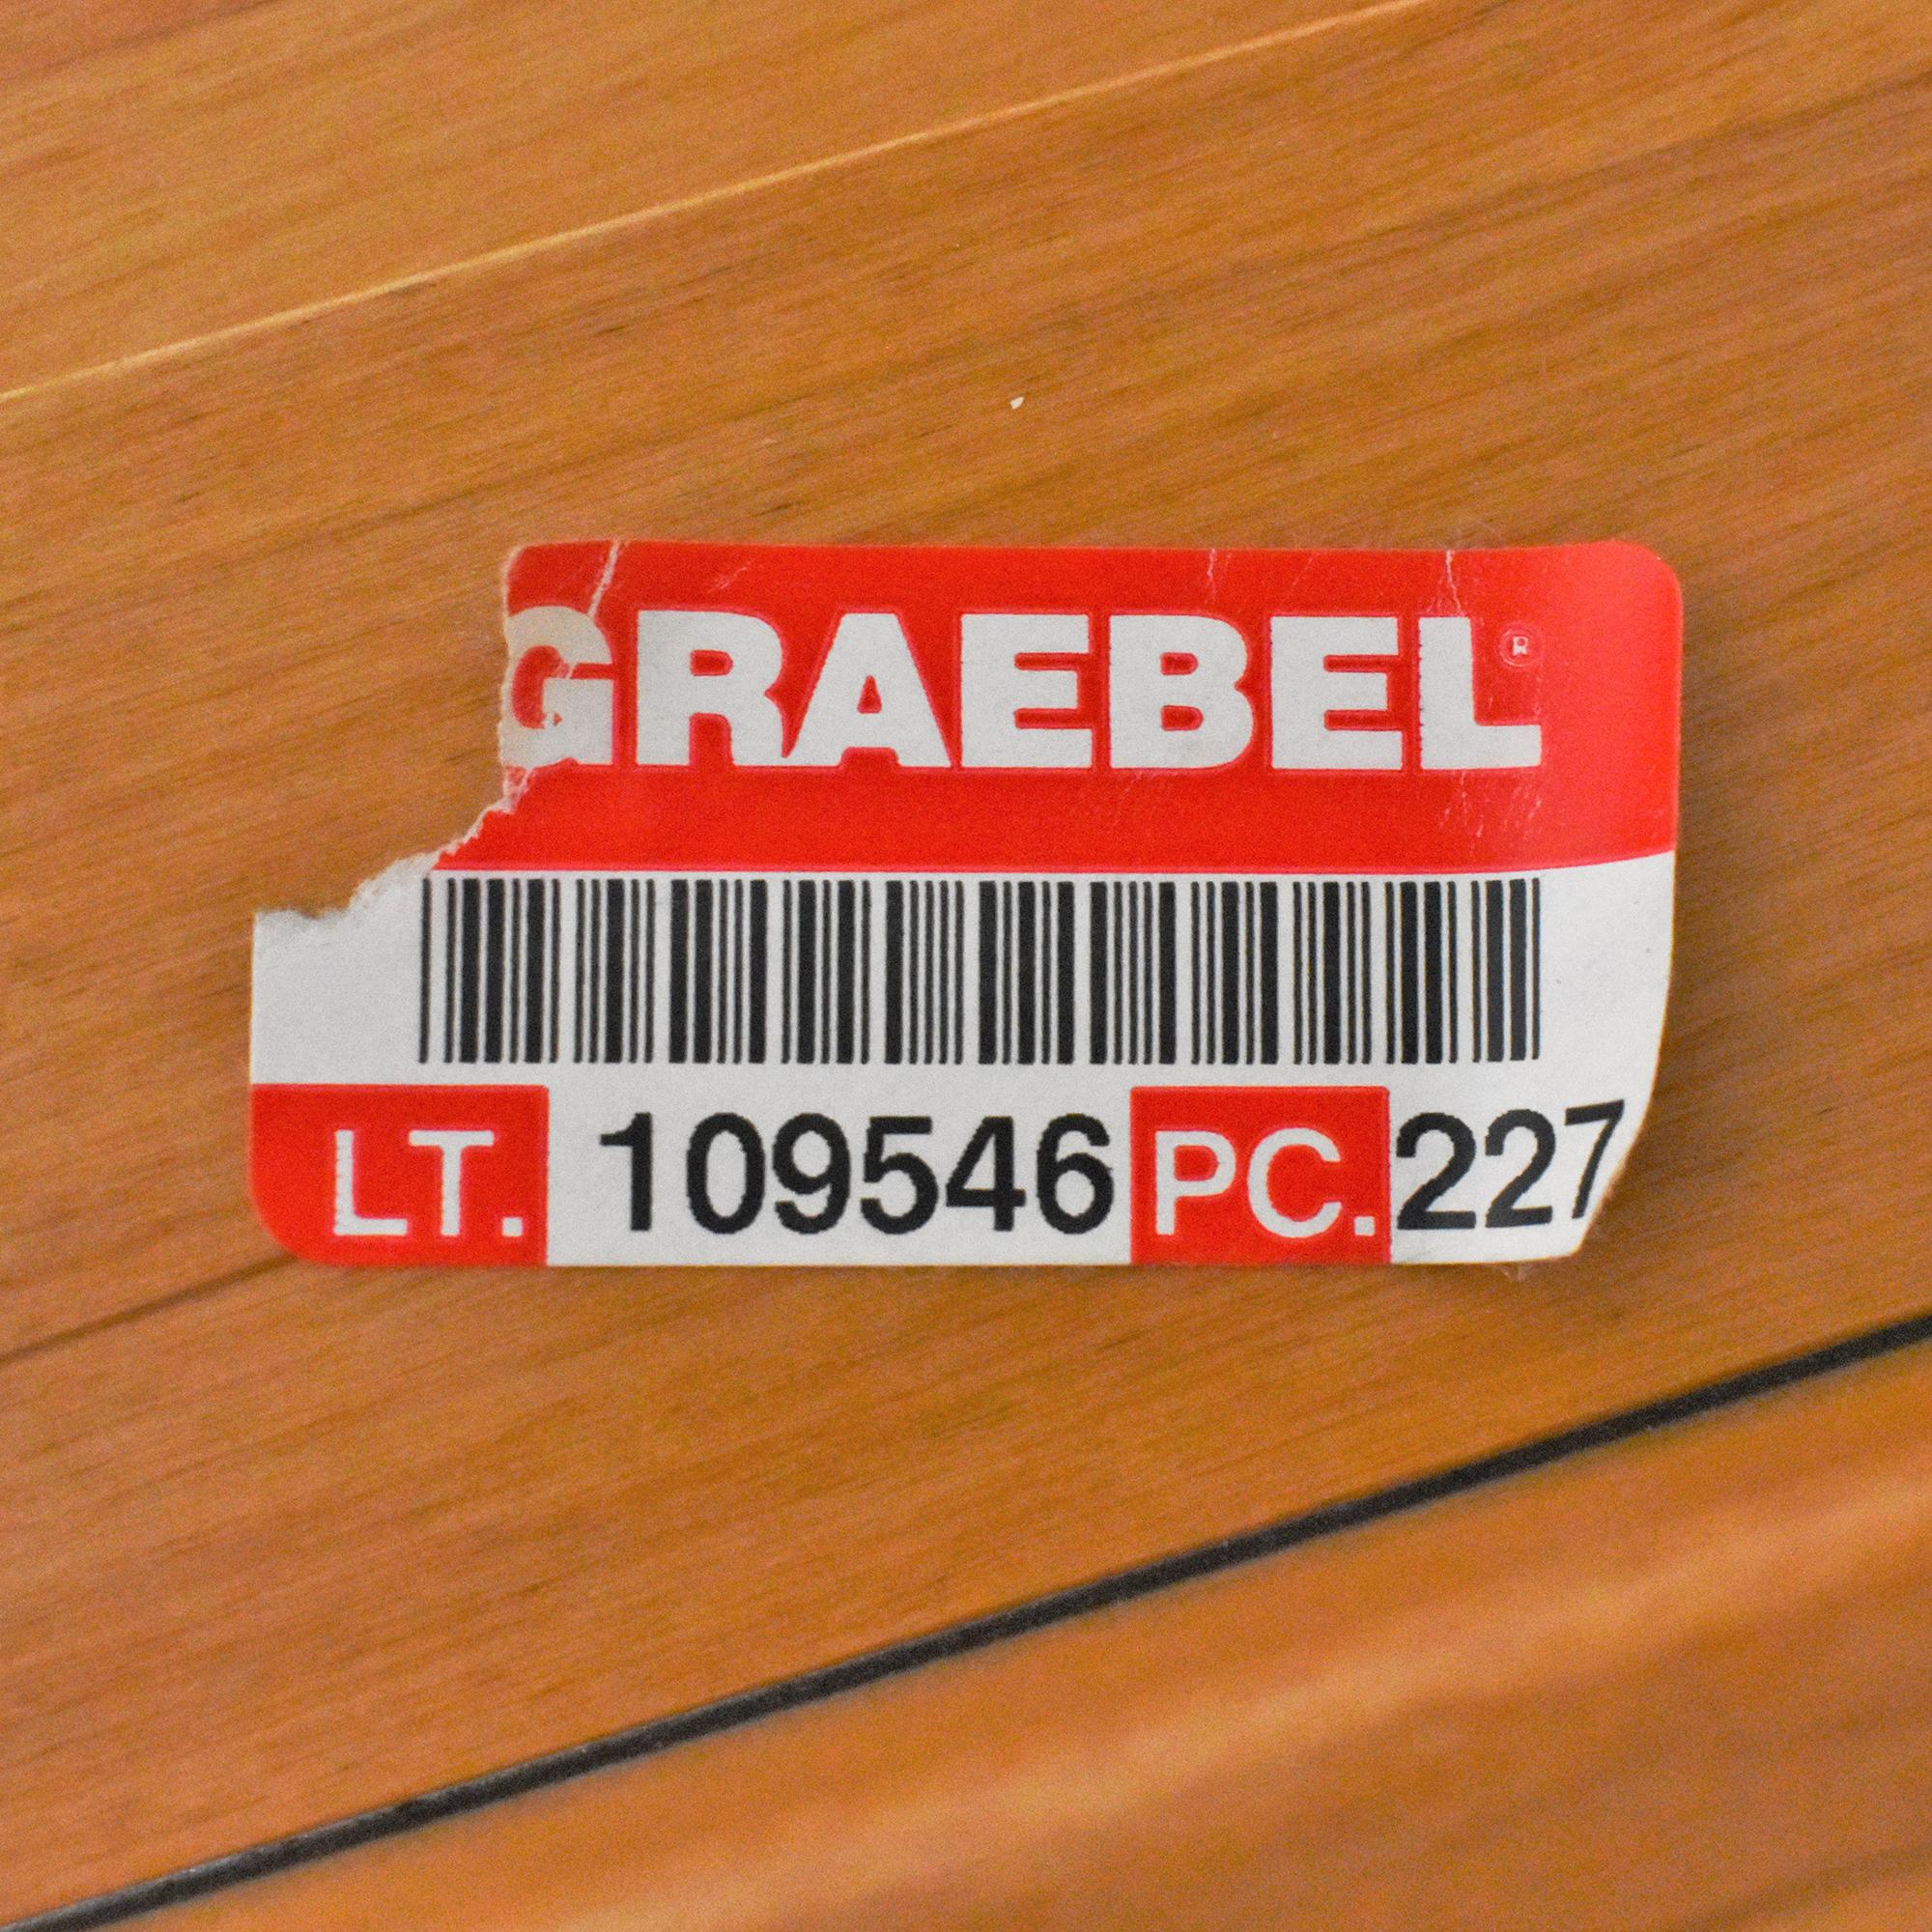 shop Graebel Queen Bed Graebel Beds